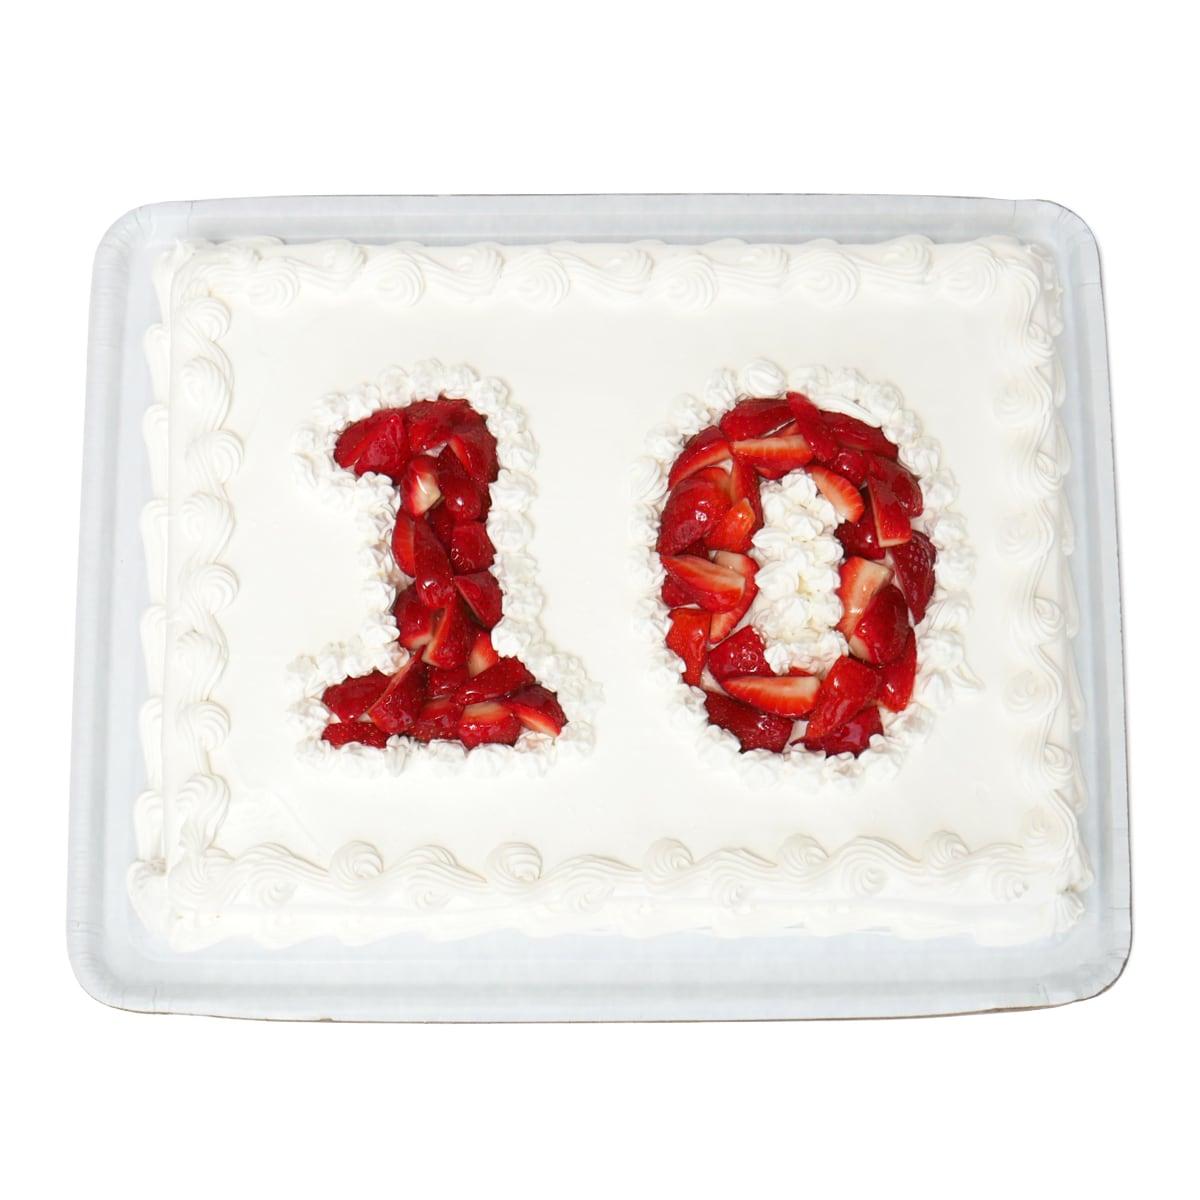 コストコ通ブログ10周年のケーキ